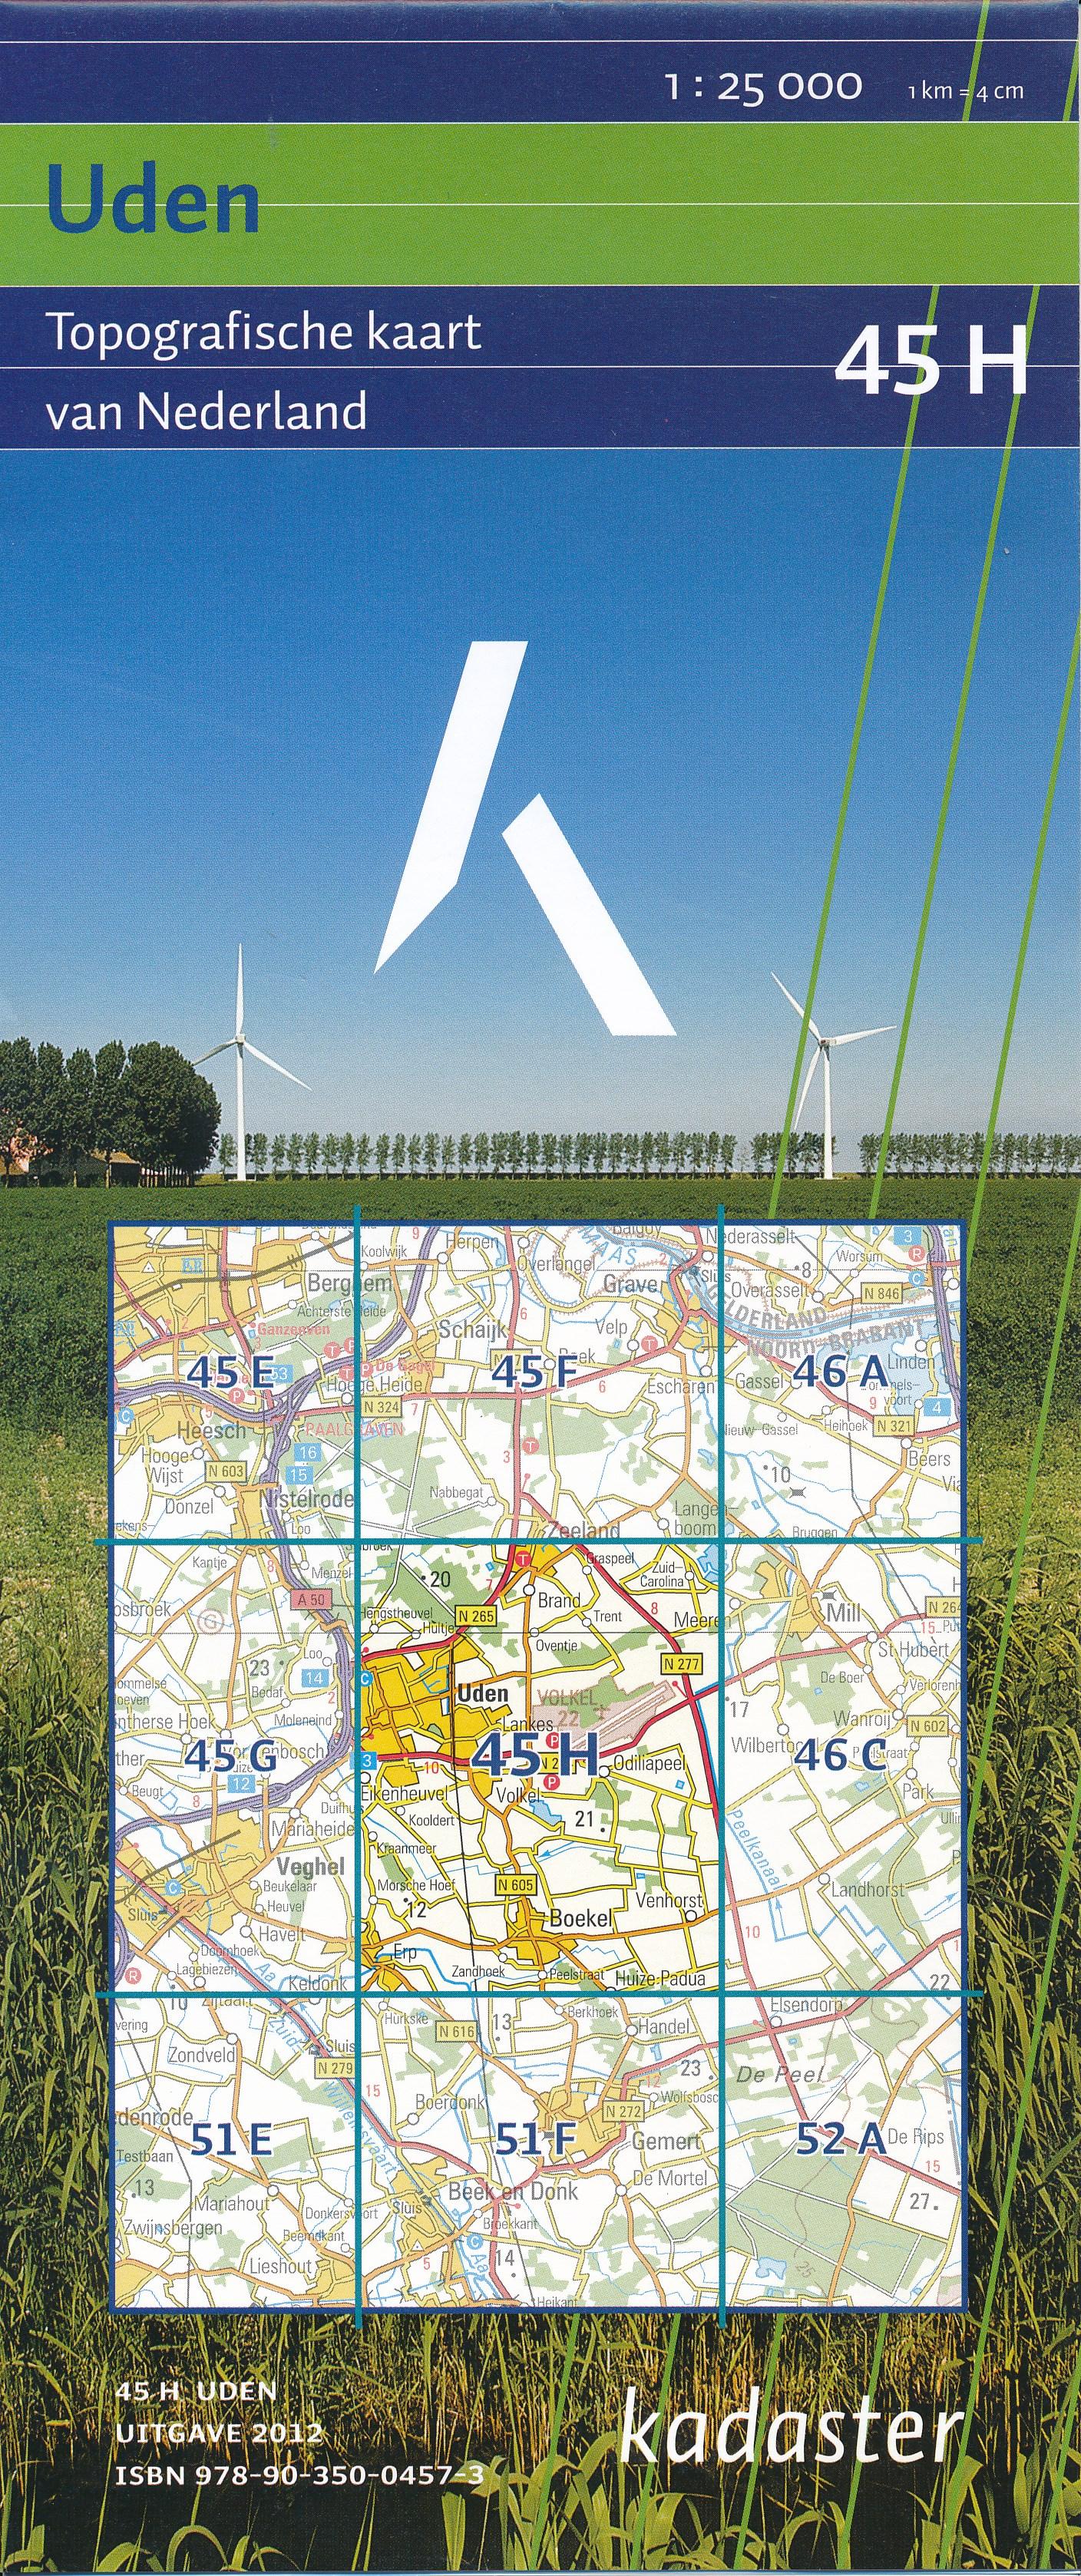 Topografische kaart - wandelkaart 45H Uden